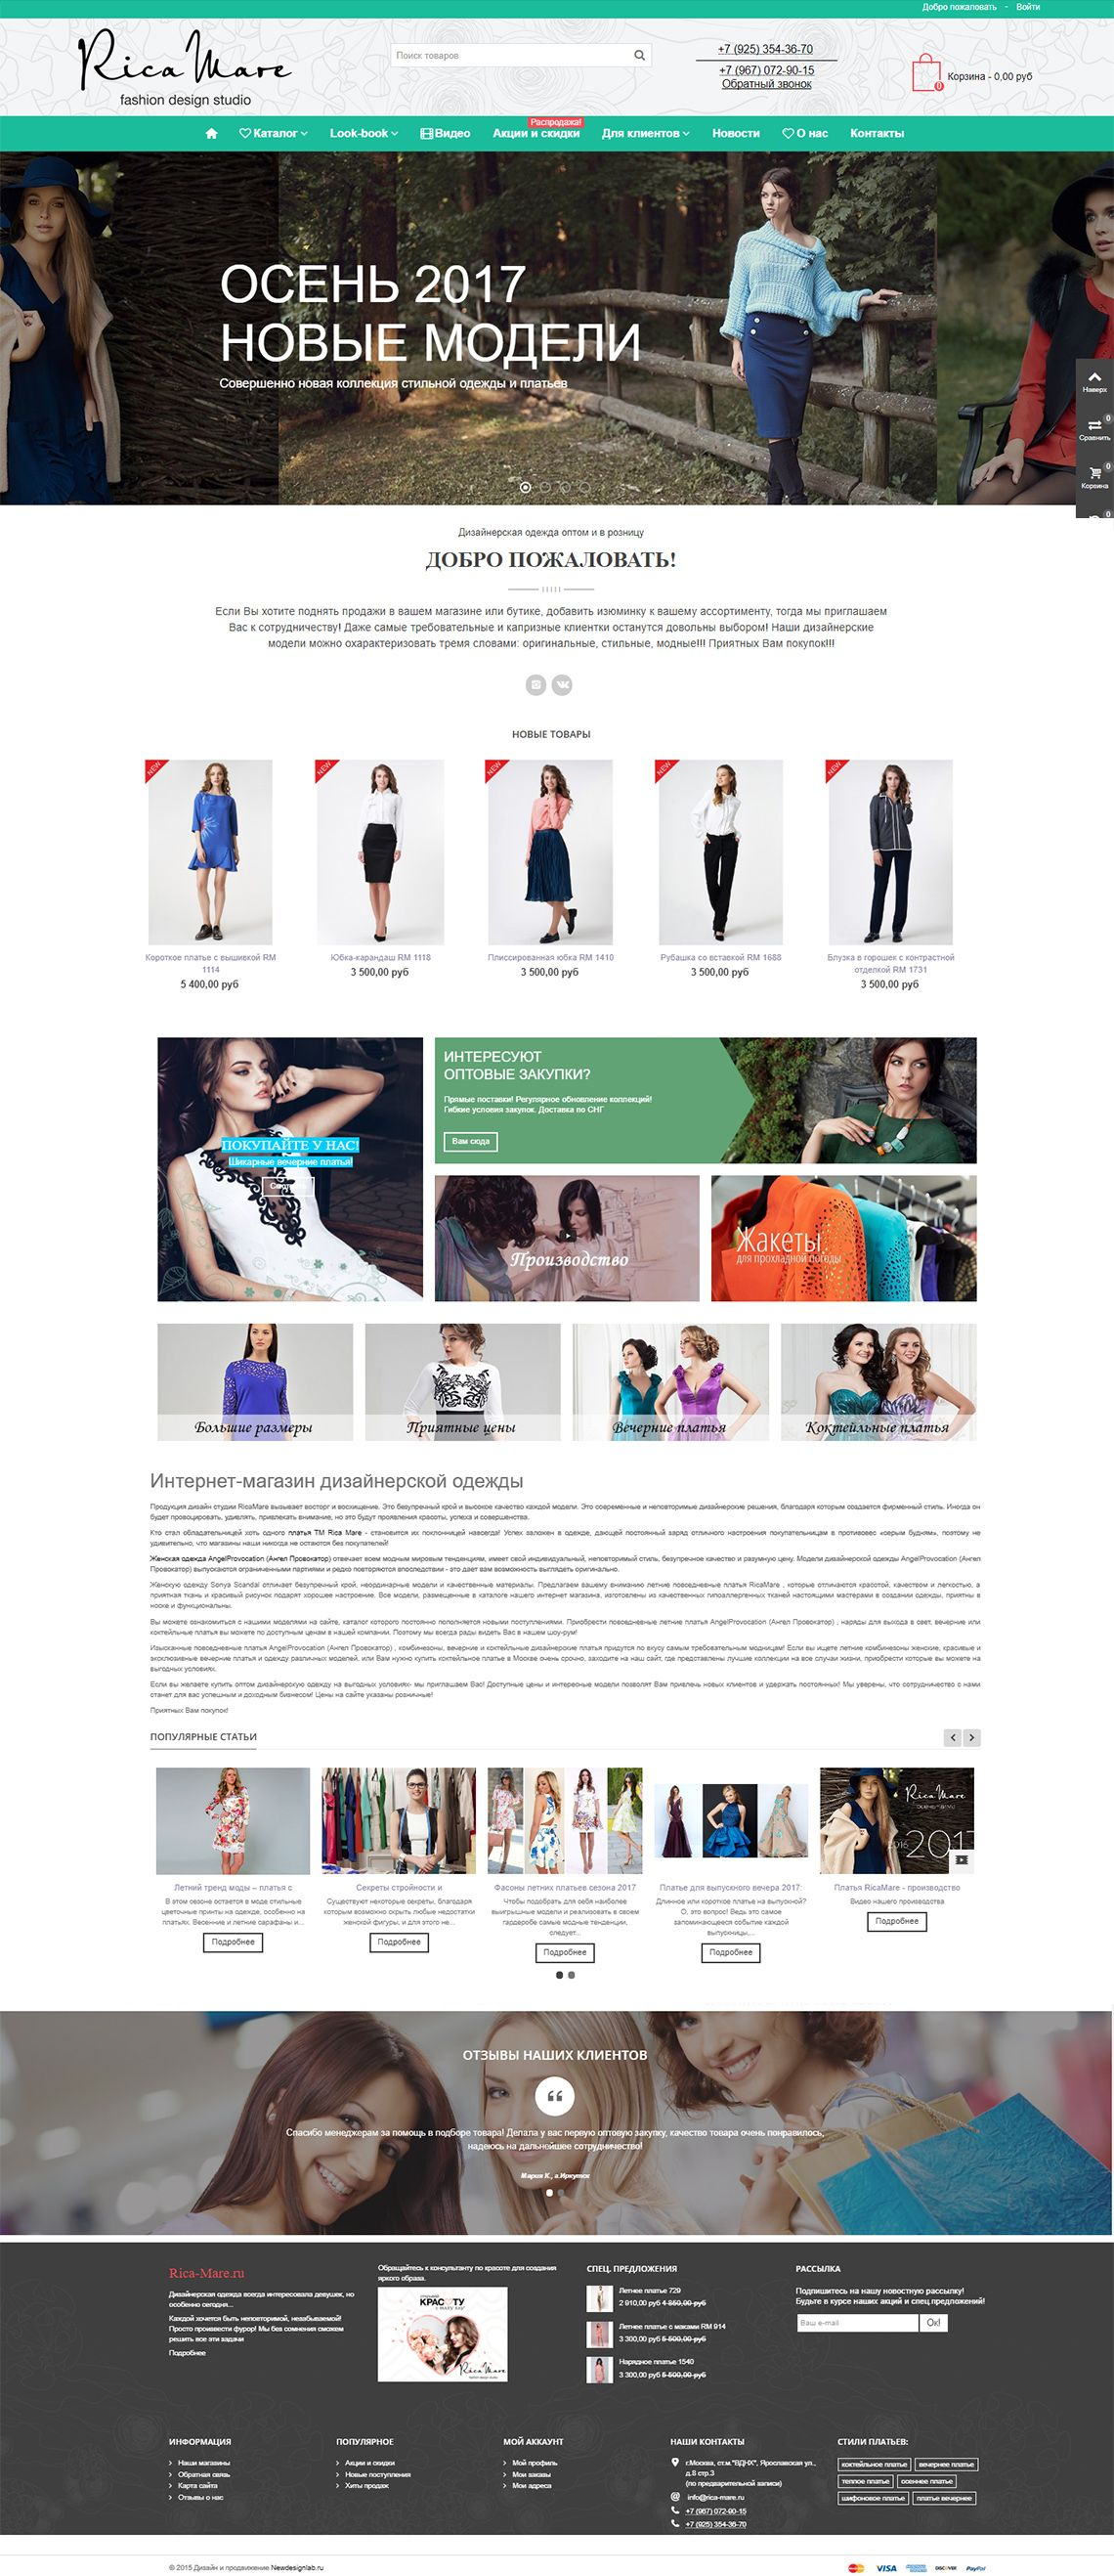 Дизайн главной страницы сайта rica-mare.ru